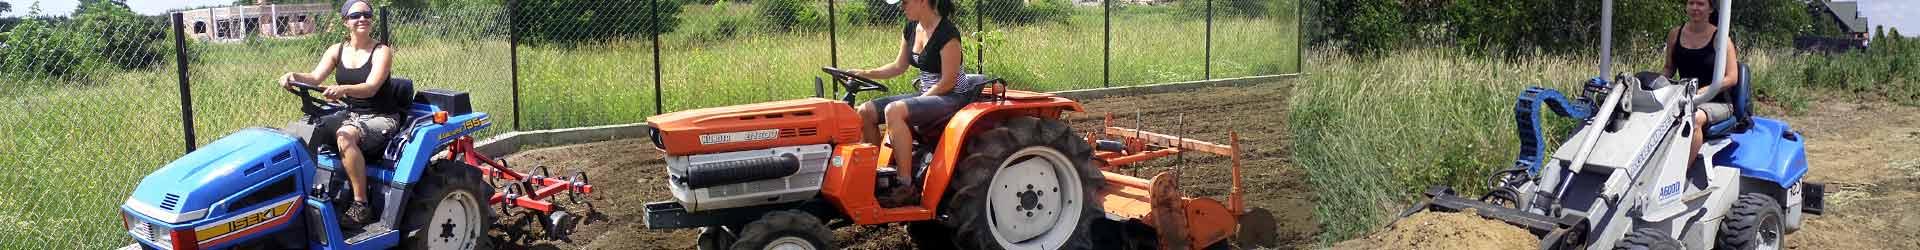 Traktorki ogrodnicze